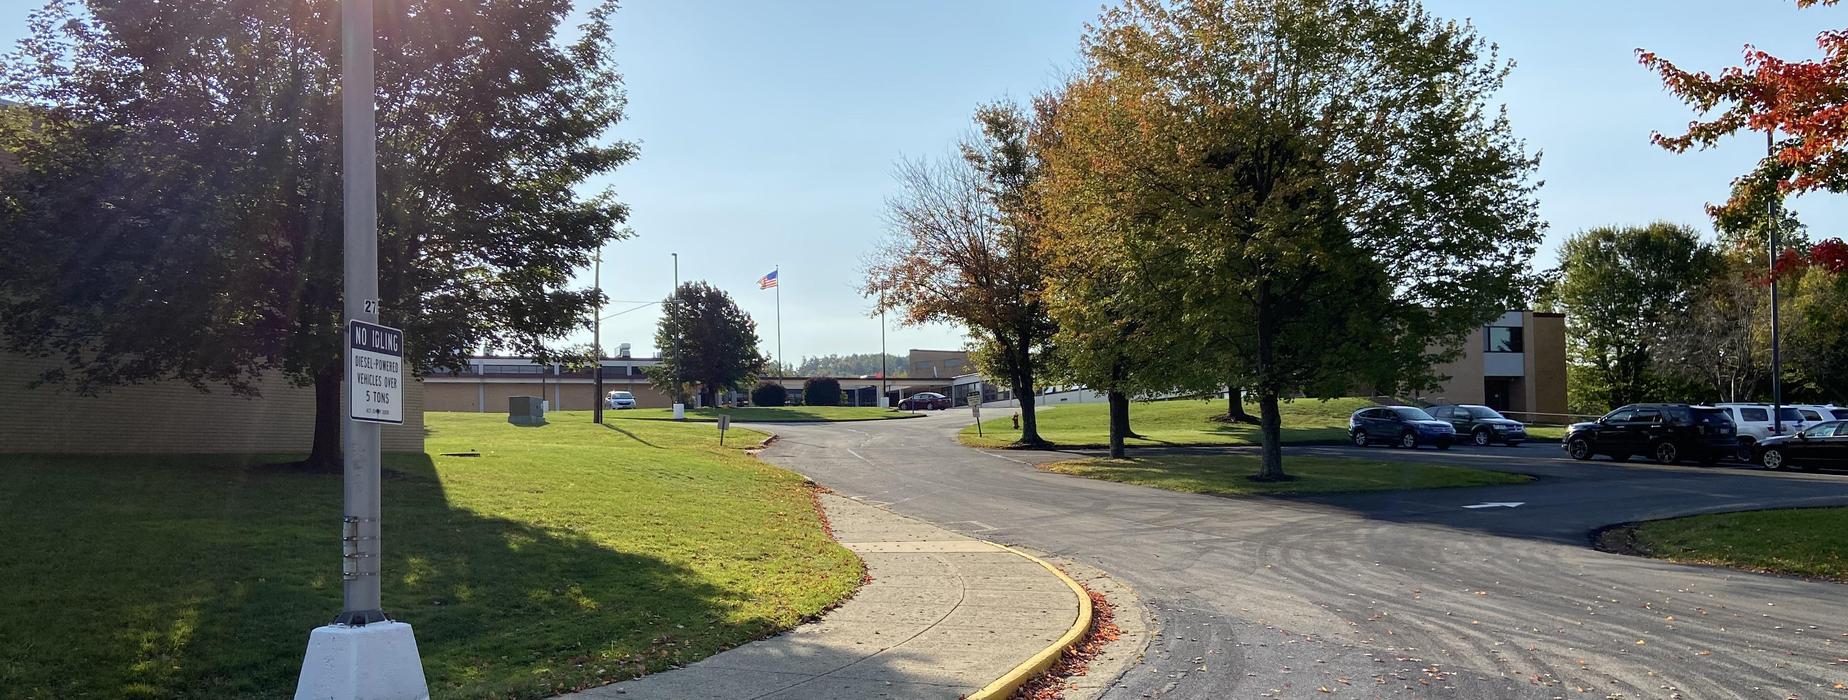 HC Campus